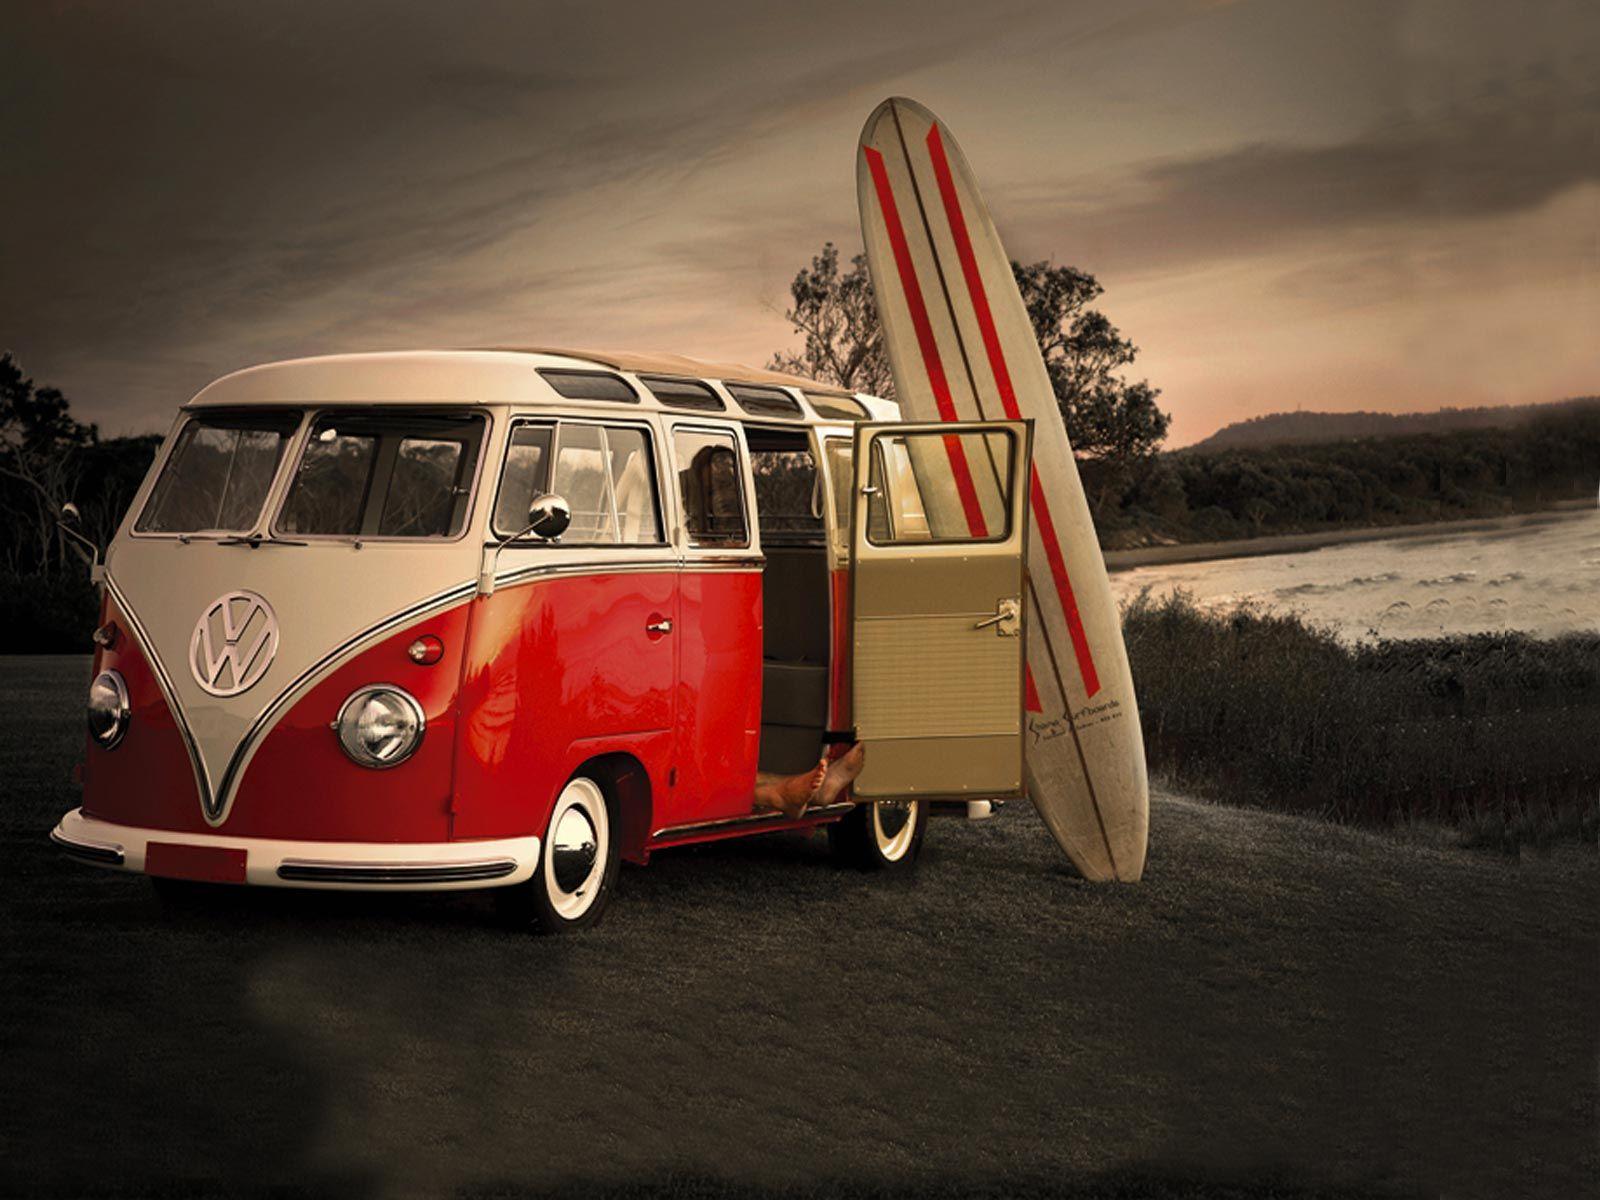 Classic Bus Hd Wallpapers Page 0 Wallpaper Screen Vw Bus Volkswagen Bus Volkswagen